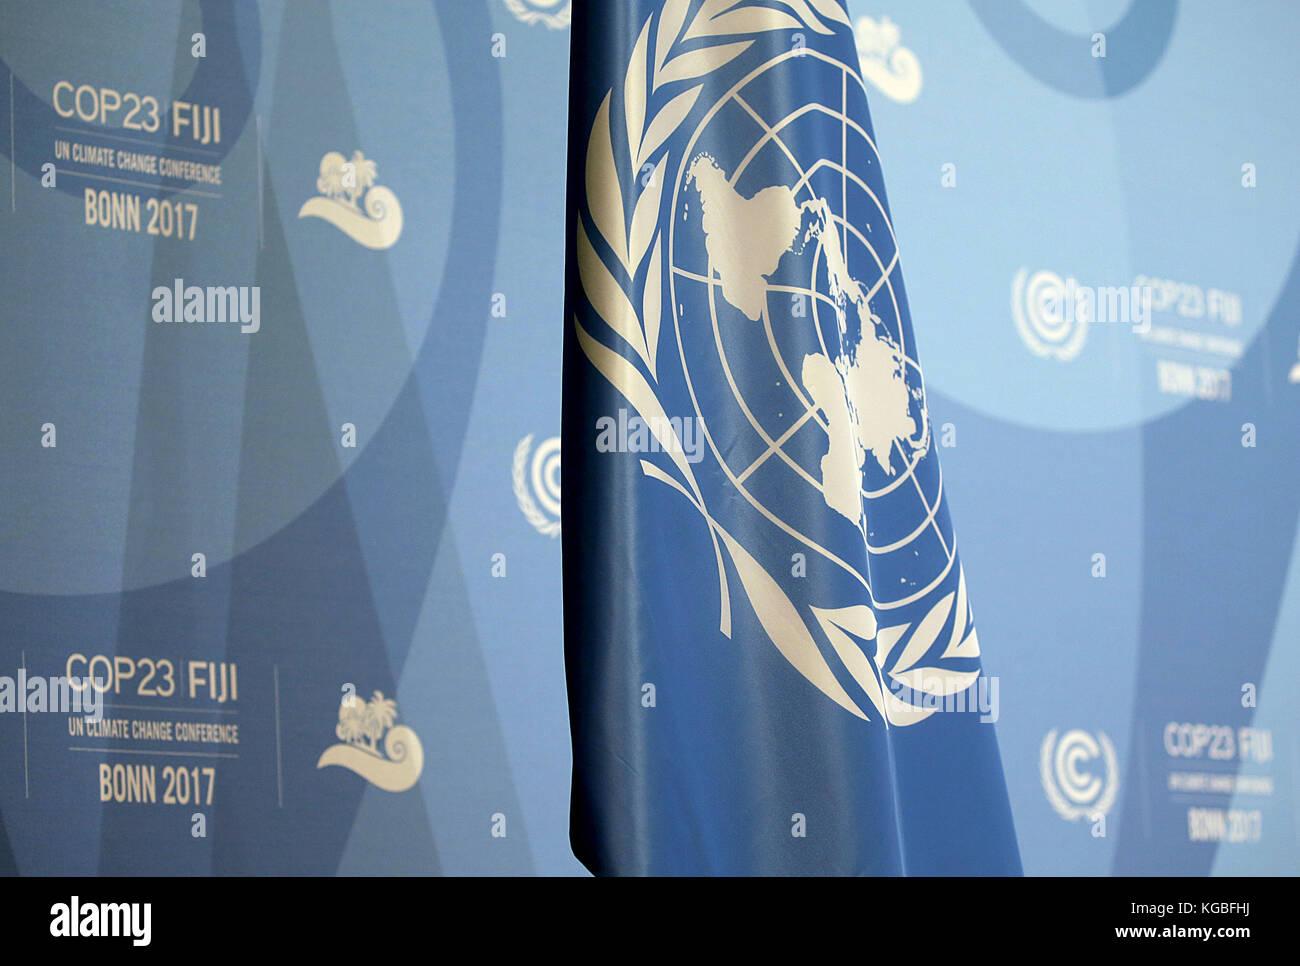 Bonn, Germany. 6th Nov, 2017. Die Fahne der Vereunten Nationen hängt am 06.11.2017 in Bonn (Nordrhein-Westfalen) zur Eröffnung der Weltklimakonferenz im Saal. Die Weltklimakonferenz COP23 findet 06. bis 17. November 2017 in Bonn statt# The flag of the United Nations is presented during the opening of the World Climate Conference in Bonn, Germany, 6 November 2017. The World Climate Conference is taking place from the 6 to the 17 of November in Bonn, Germany. Credit: Oliver Berg/dpa/Alamy Live News Stock Photo